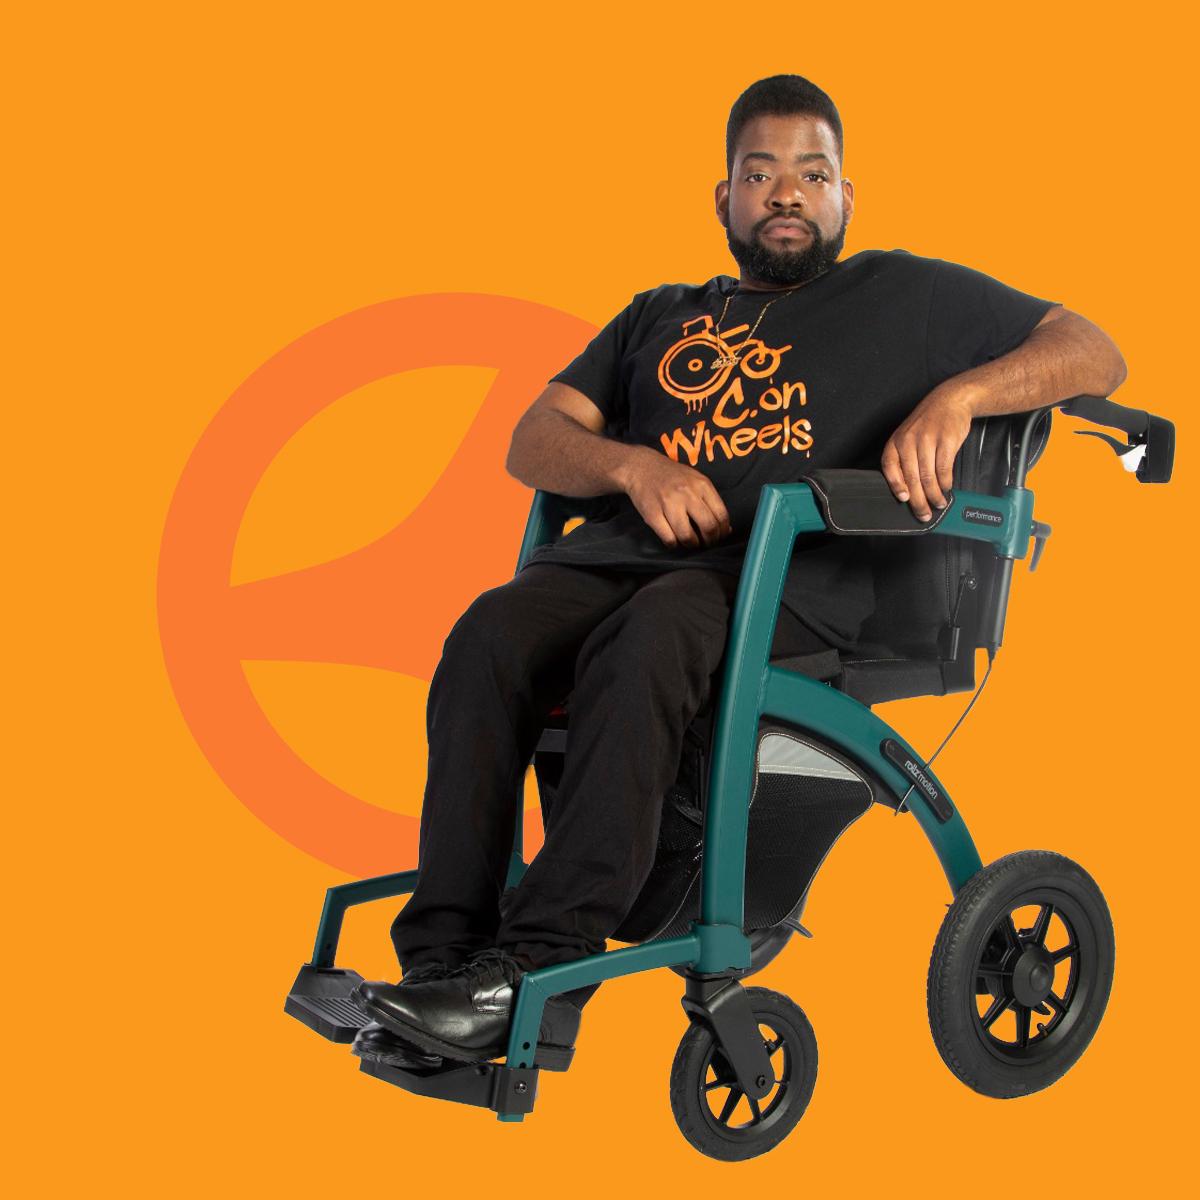 Jonge man zit in een comfortabele rolstoel